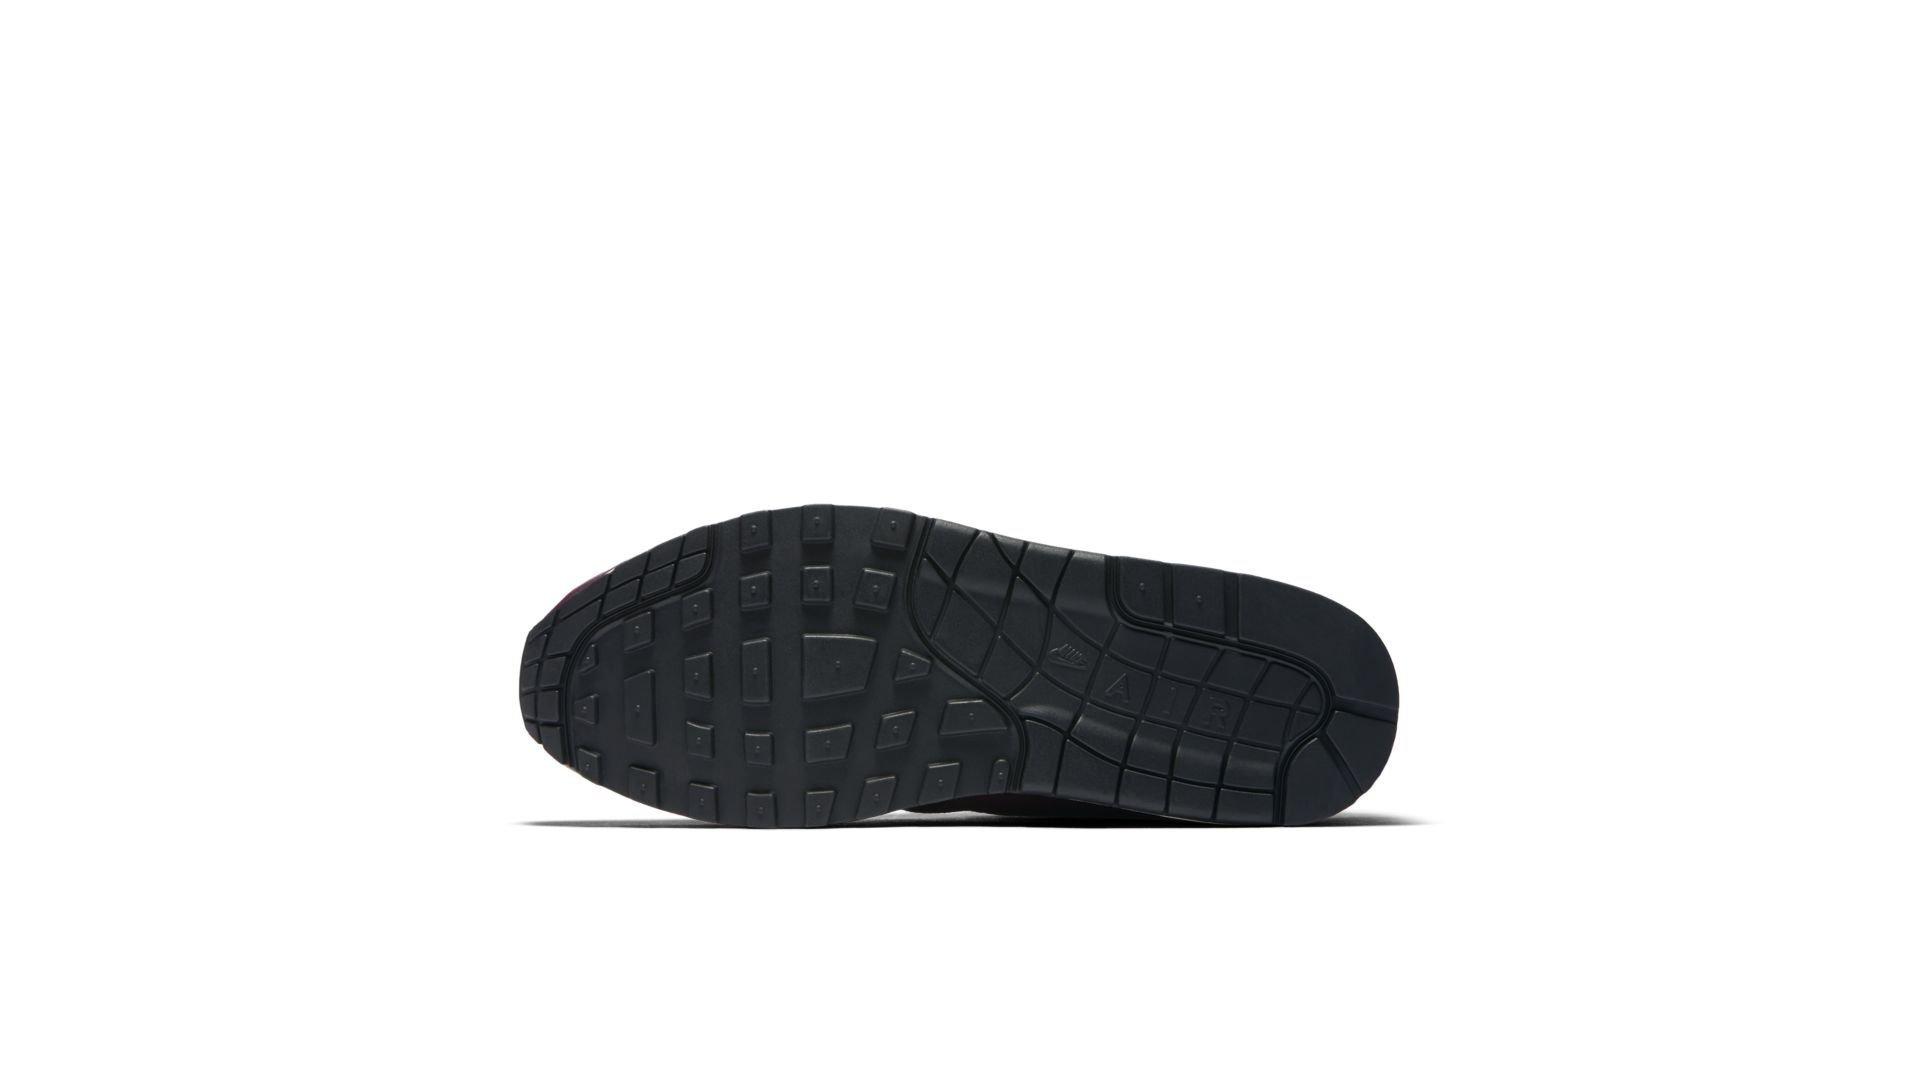 Nike Air Max 1 Premium 875844-601